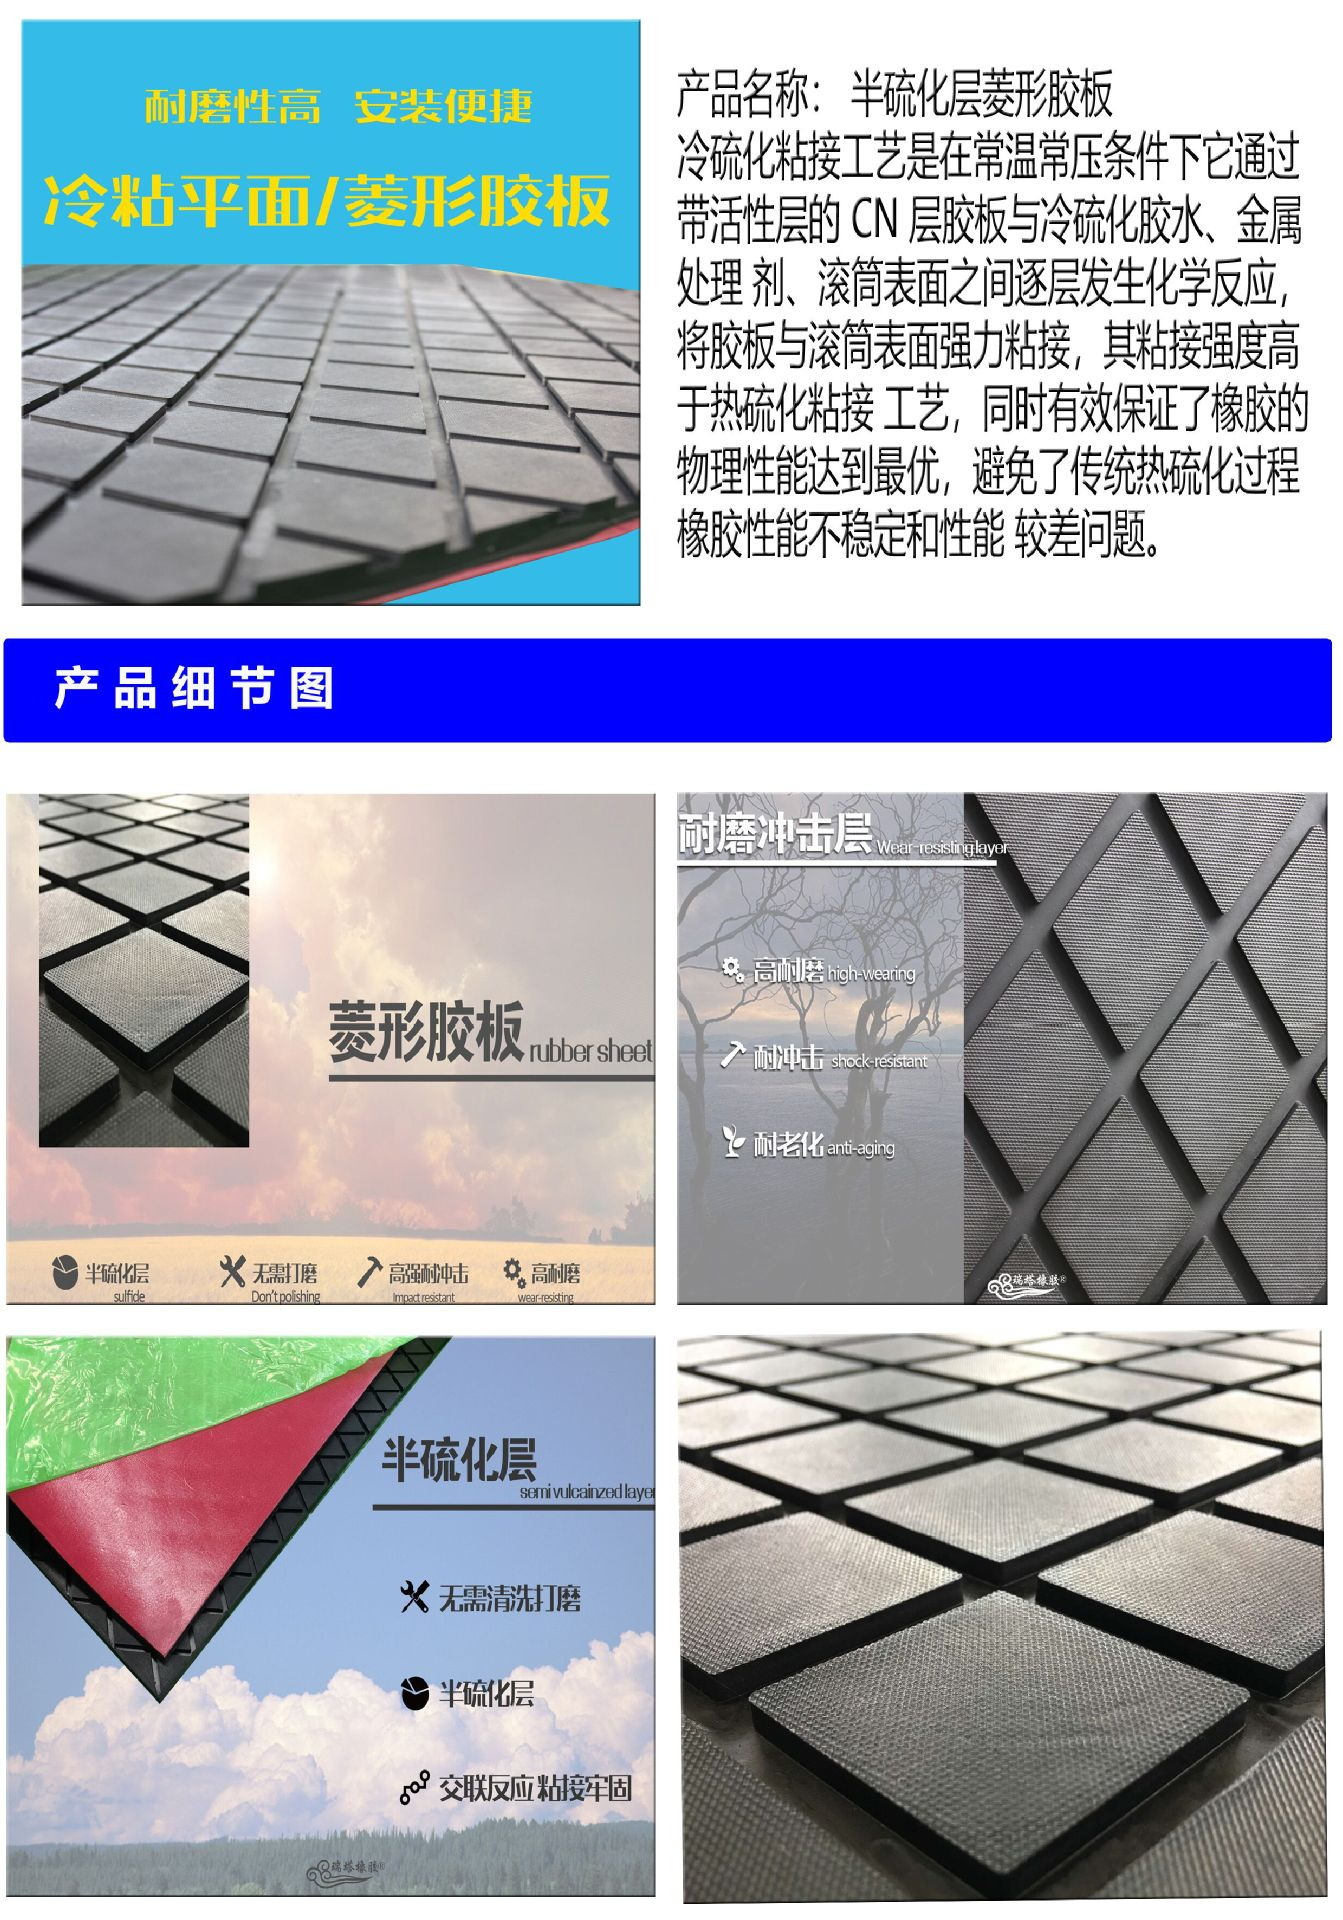 cn层滚筒包胶胶板 耐磨冷硫化cn层滚筒包胶胶板厂家示例图1